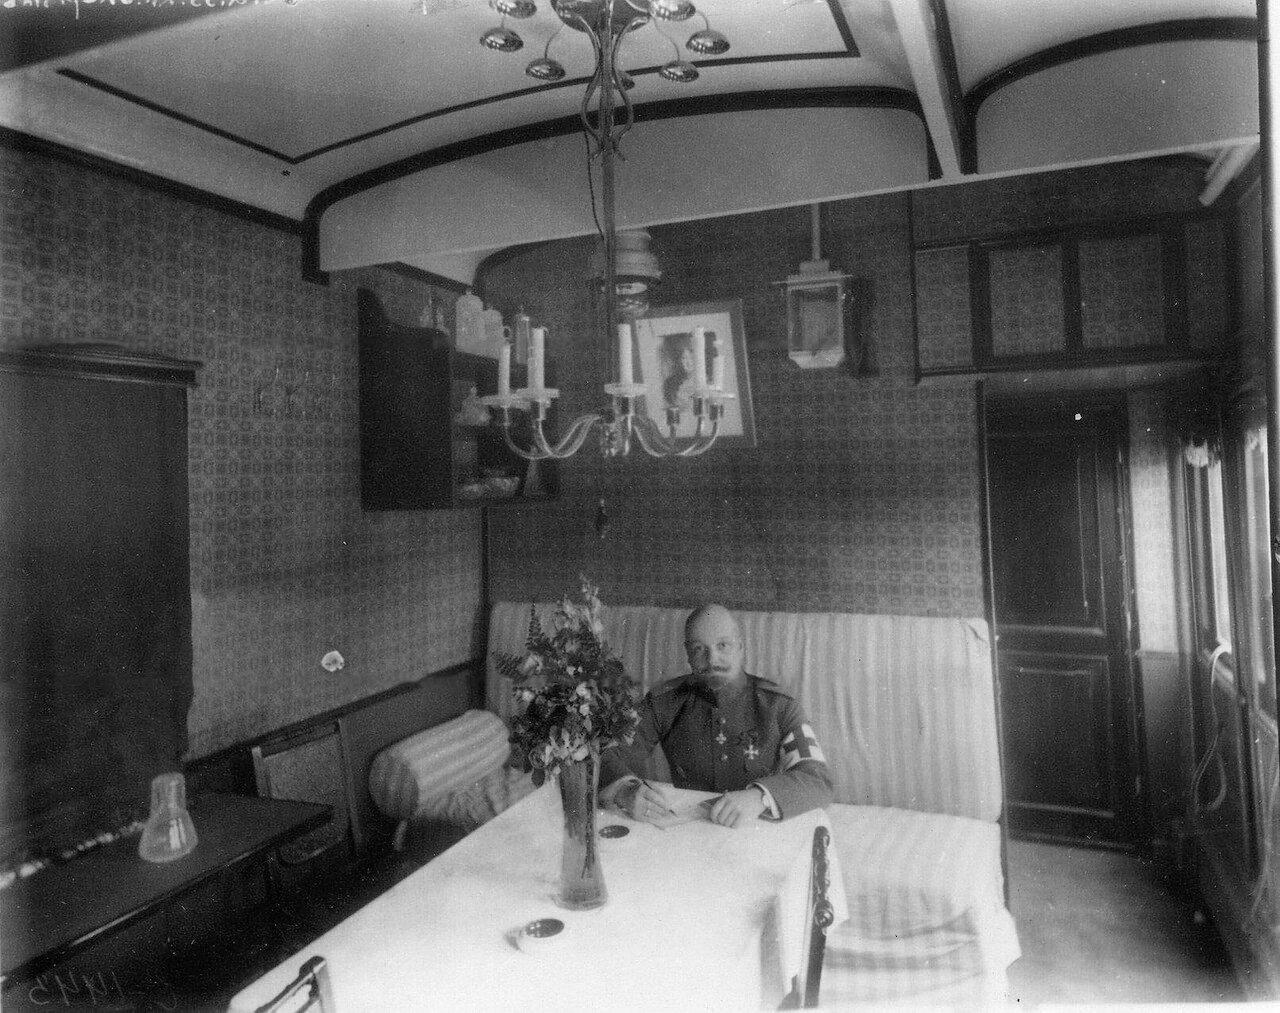 06. Начальник поезда за столом в вагоне